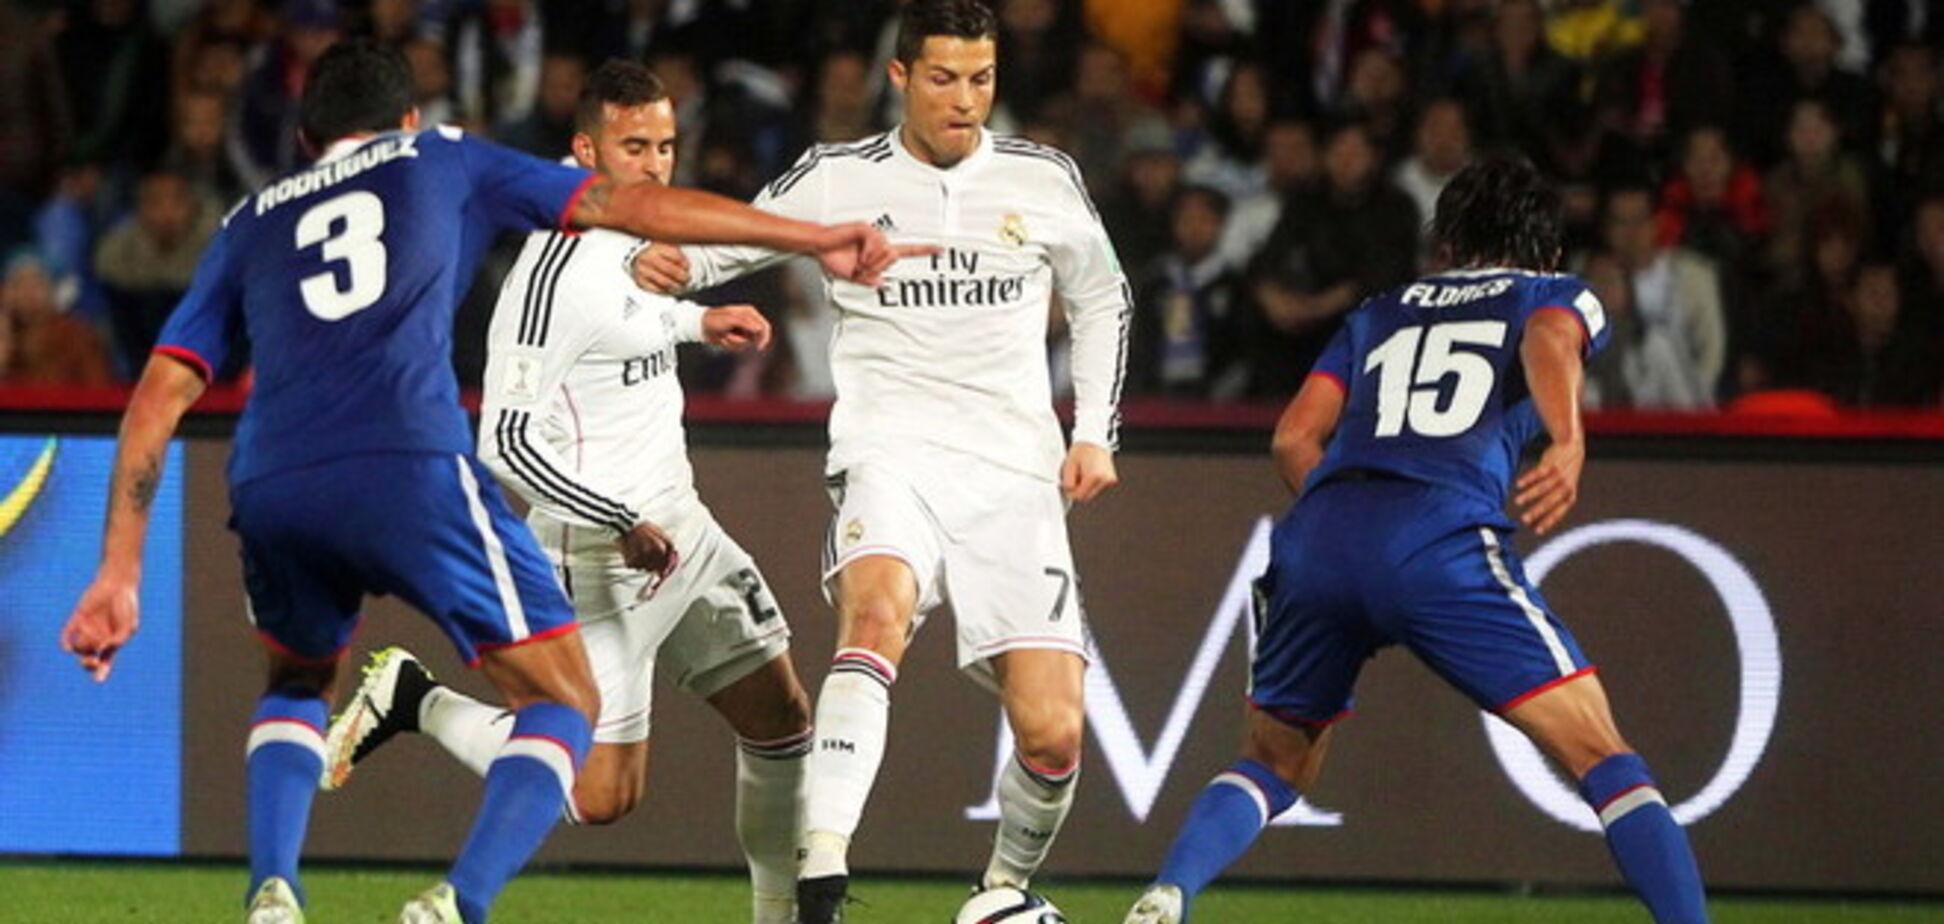 Реал Мадрид - Сан-Лоренцо - 2-0: Роналду снова не забил